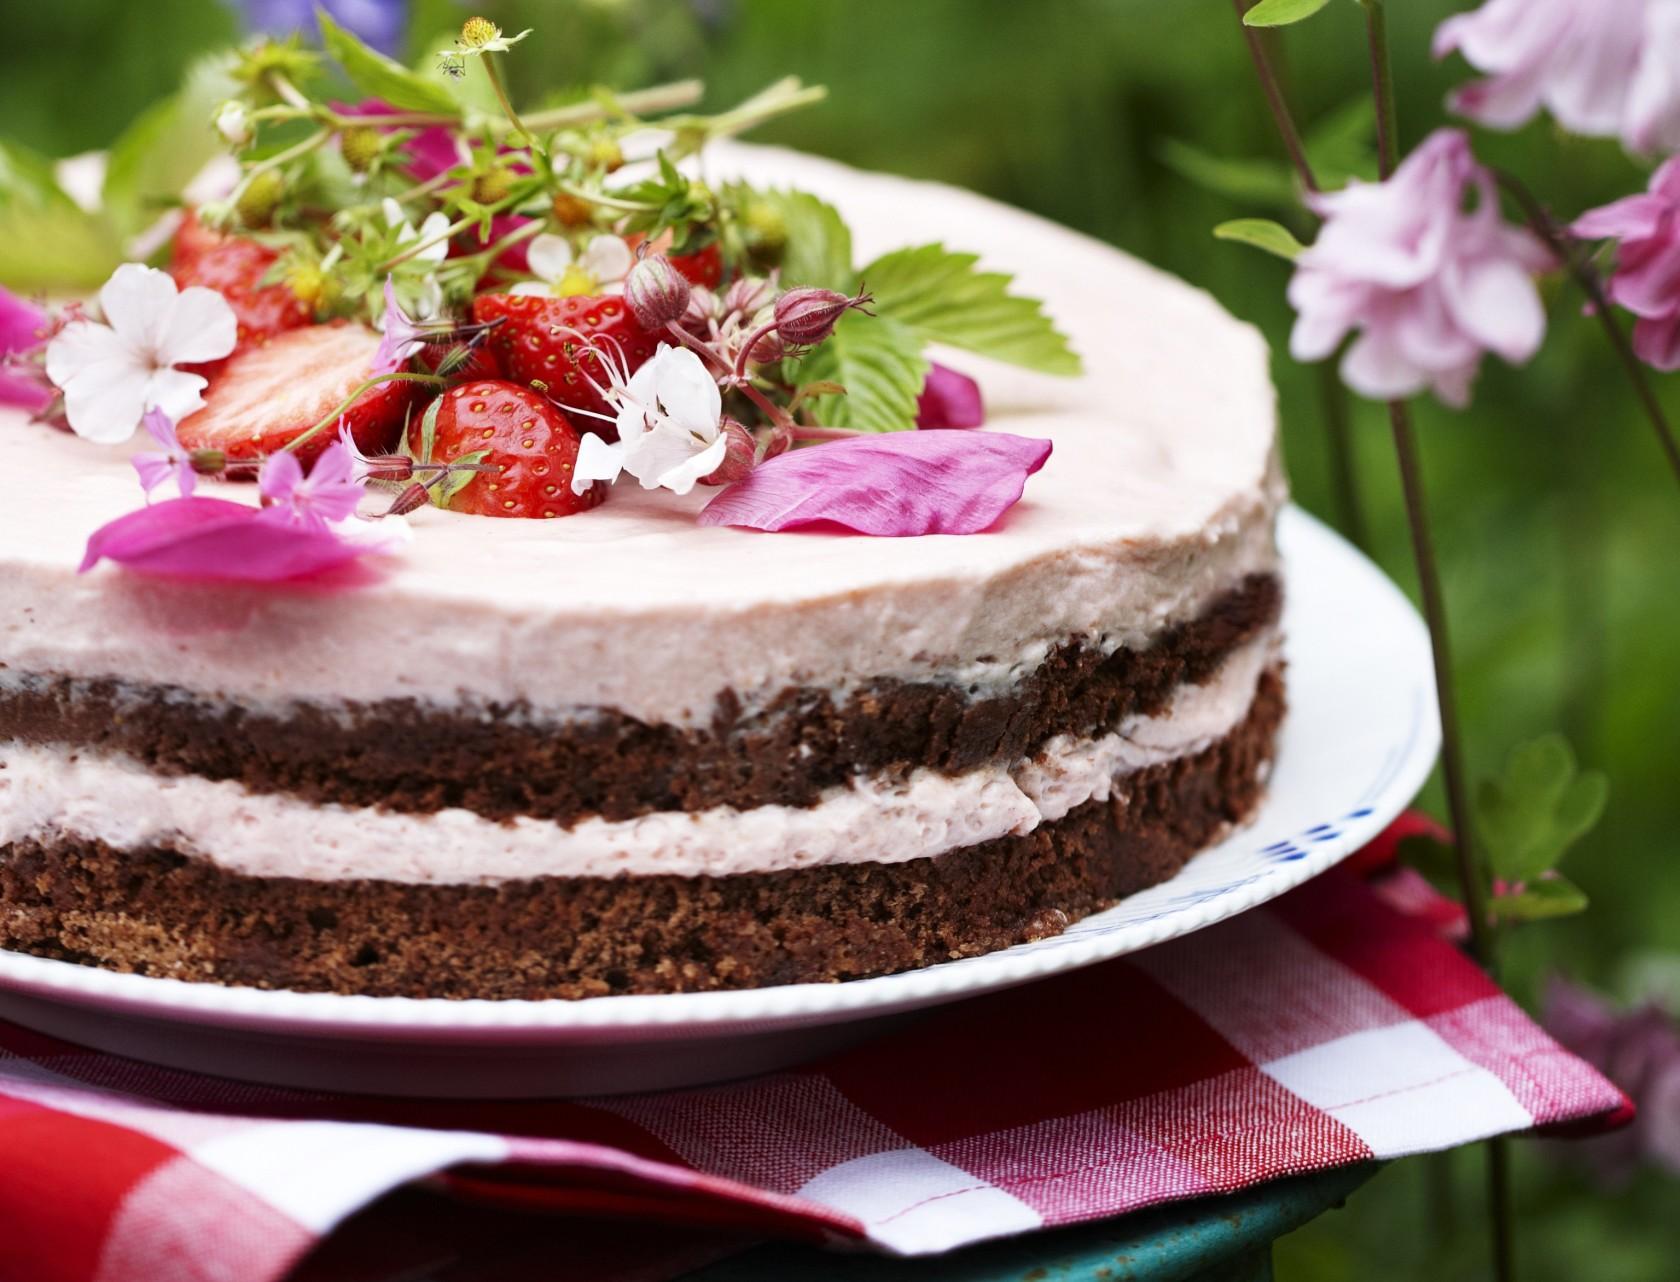 Islagkage med jordbærmousse og chokoladebunde - den perfekte sommerdessert!